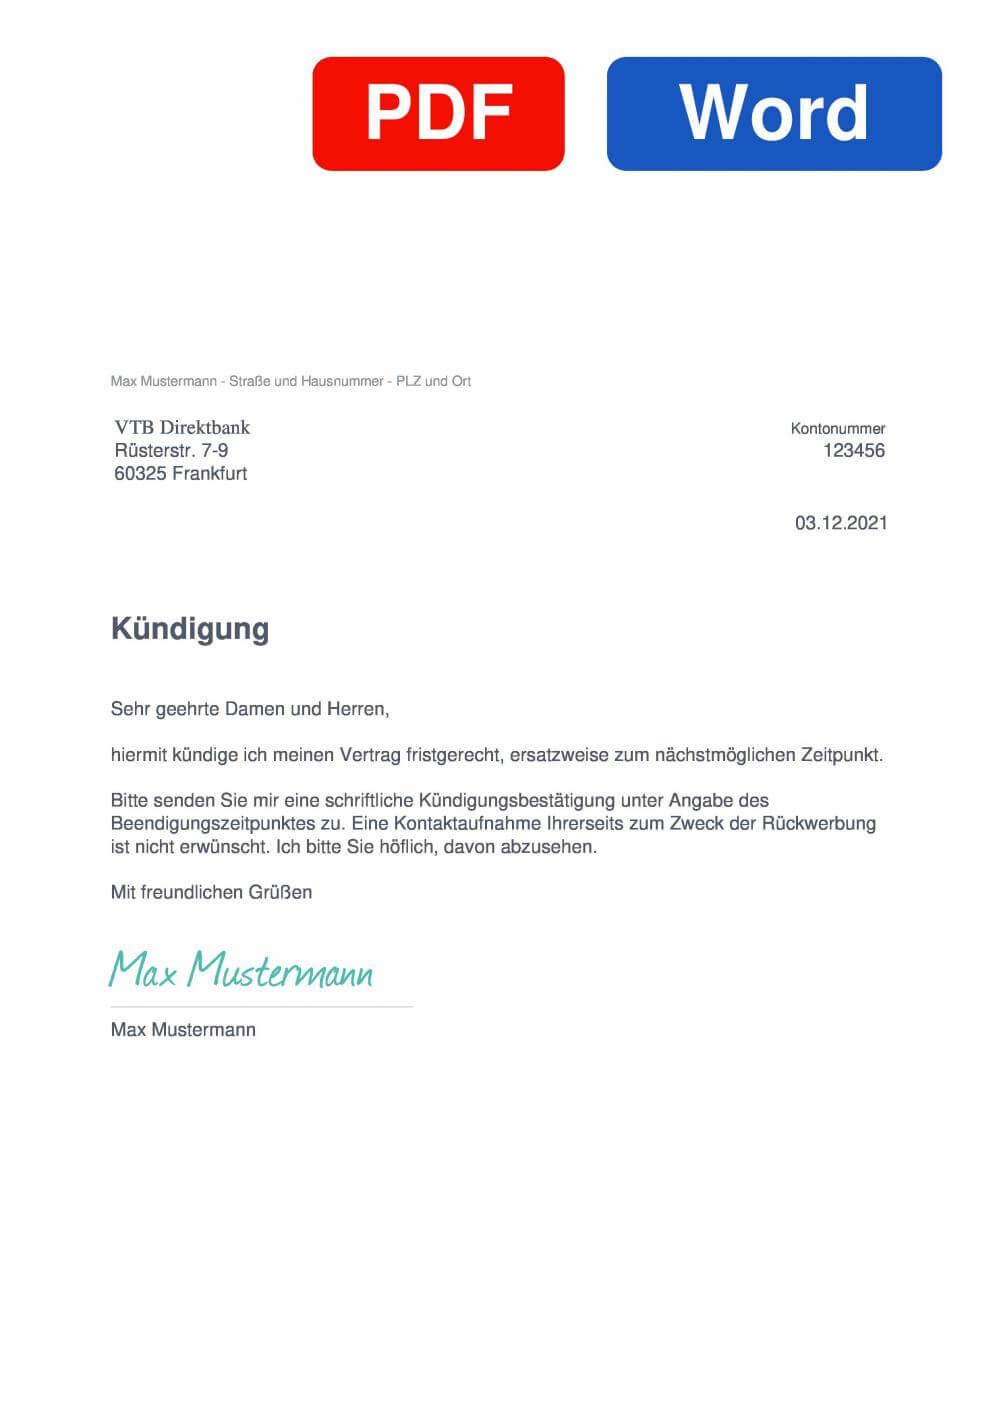 VTB Direktbank Muster Vorlage für Kündigungsschreiben